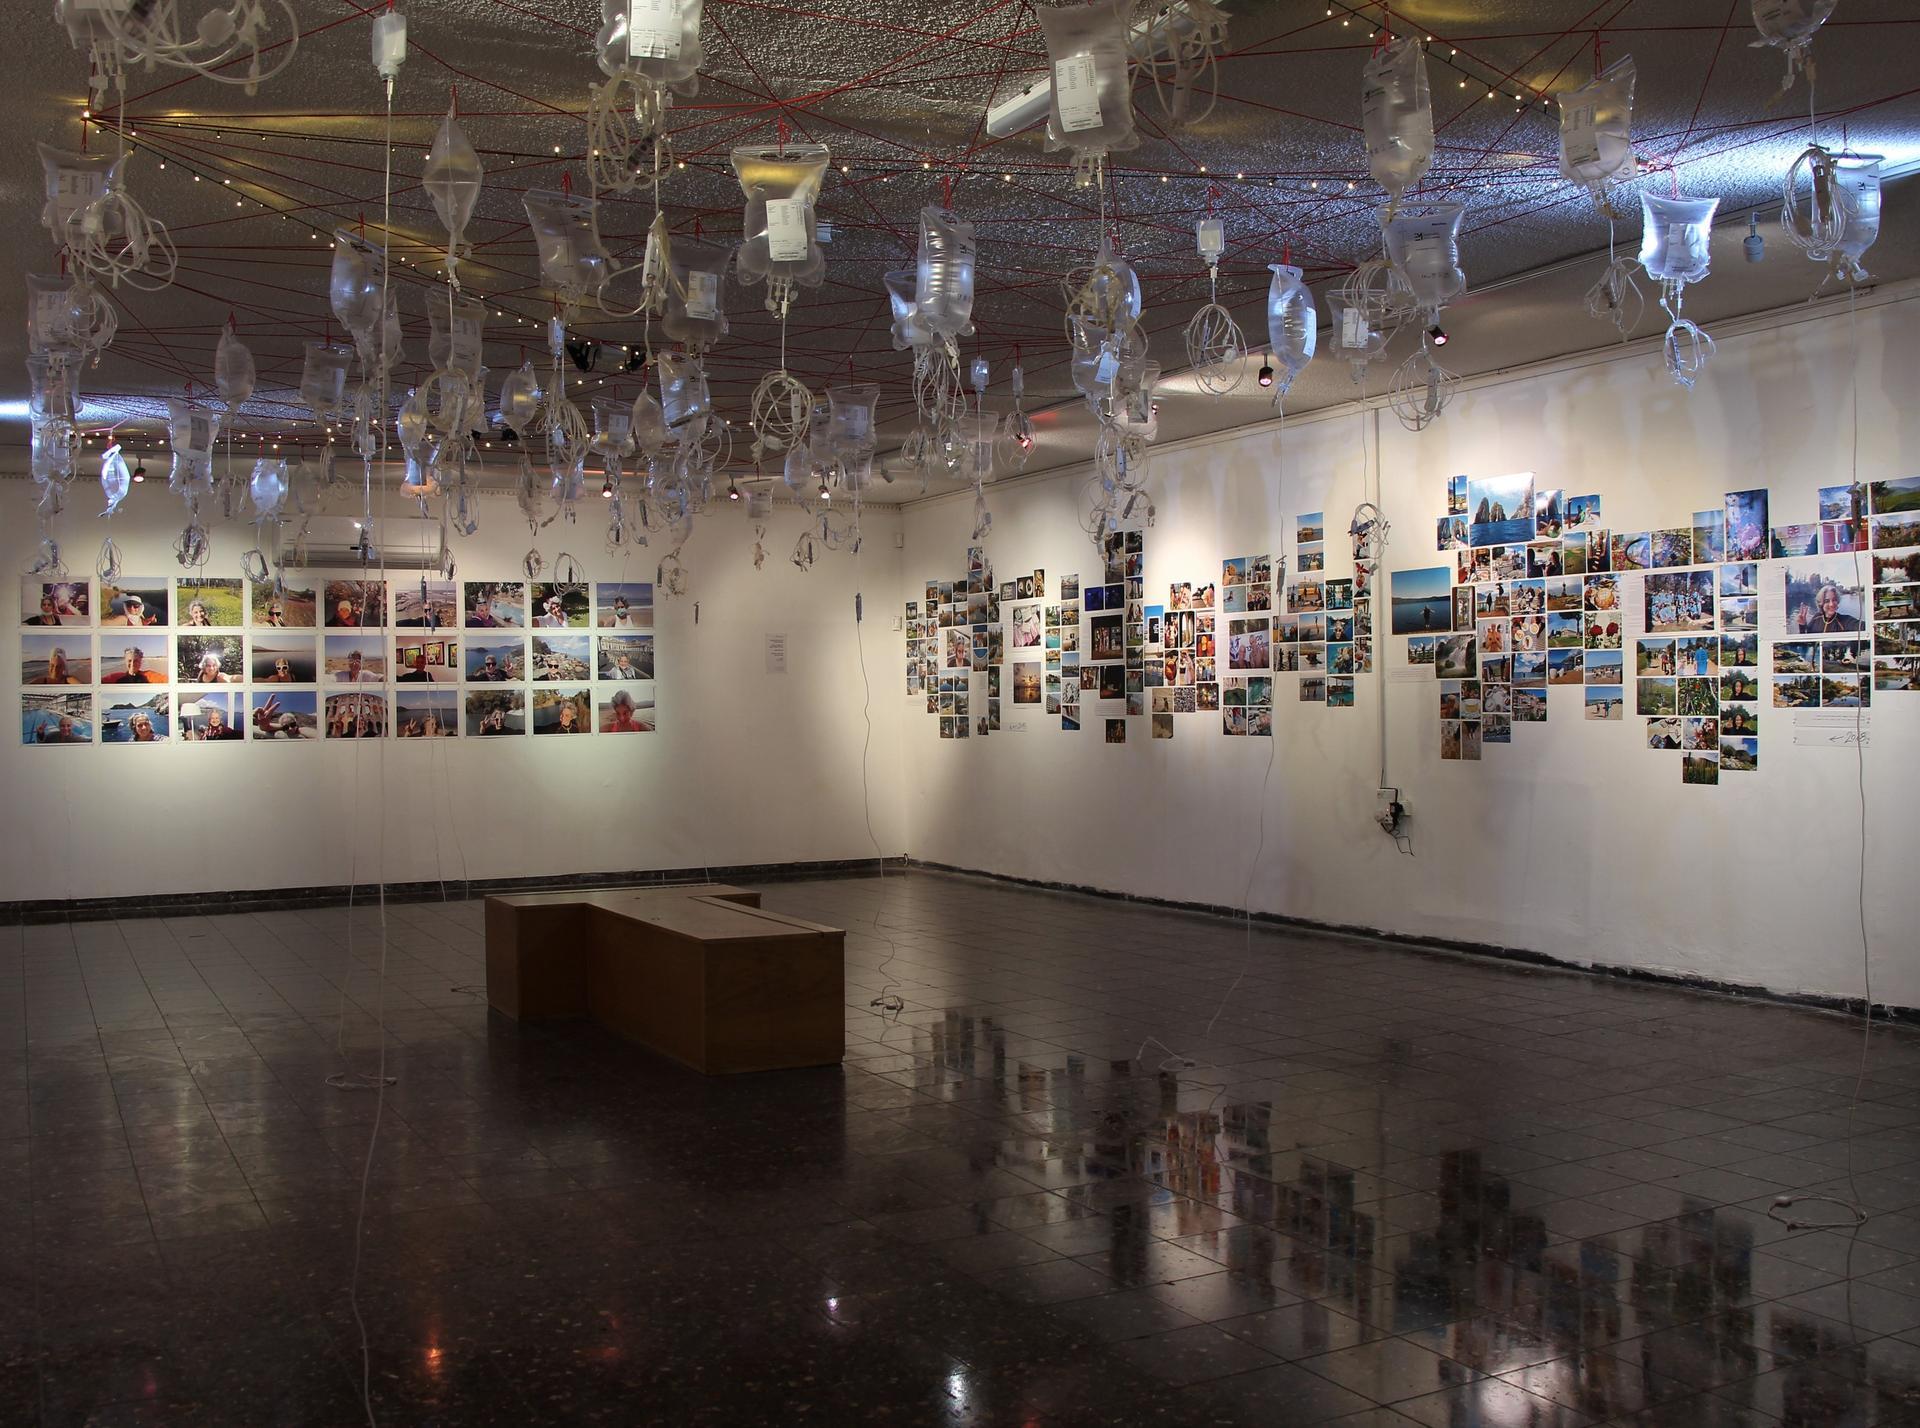 התערוכה. שקיות אינפוזיה מהתקרה | צילום: רונן ברייר